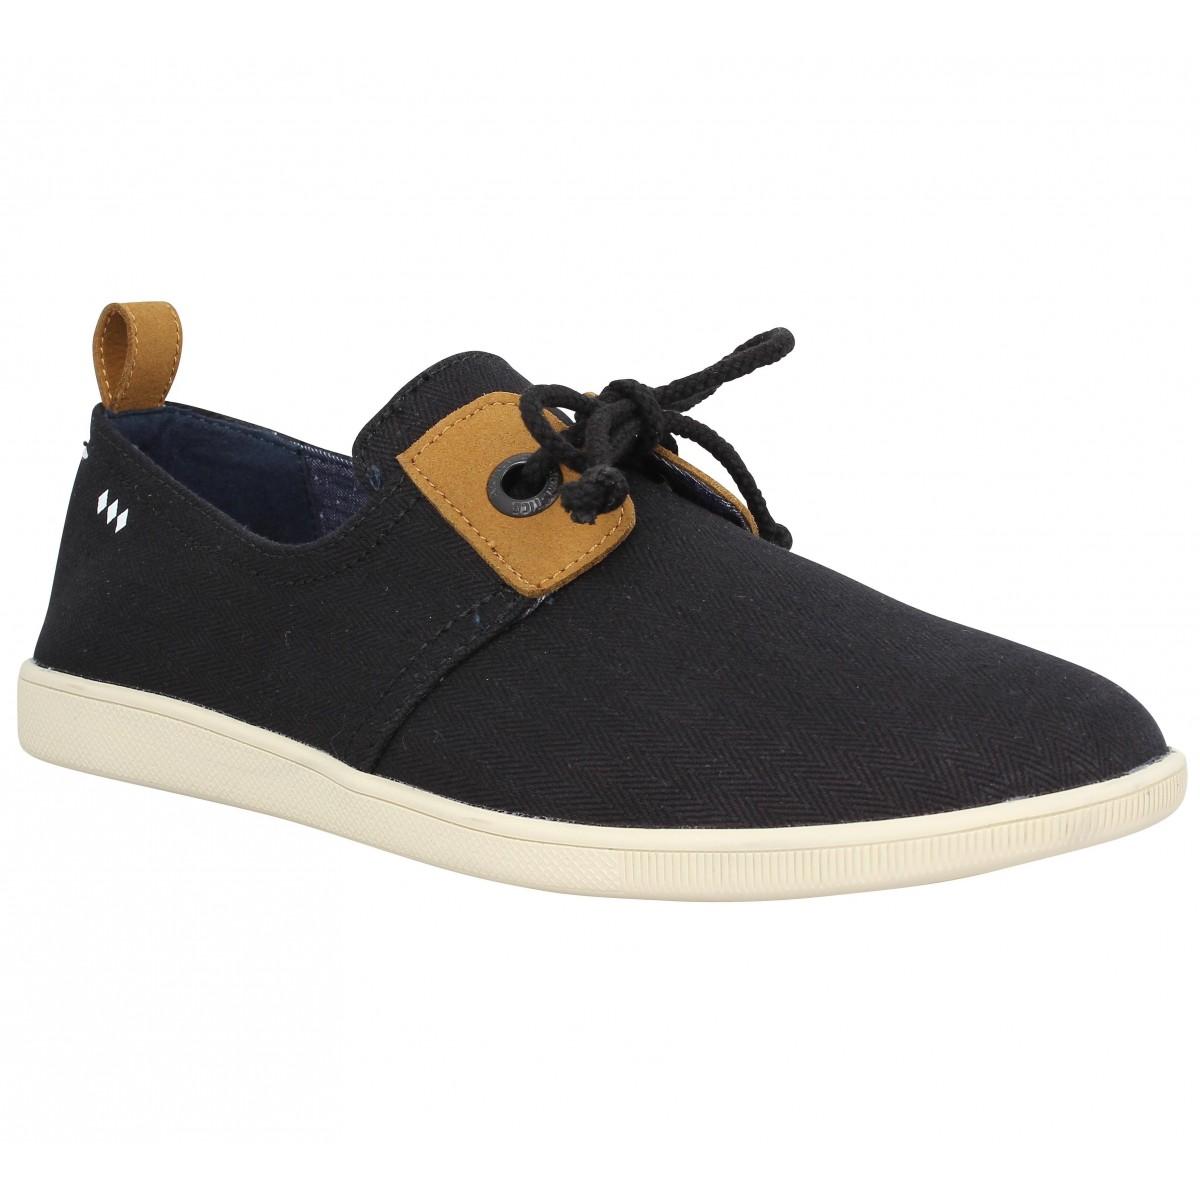 armistice chaussures pour homme vente en ligne. Black Bedroom Furniture Sets. Home Design Ideas